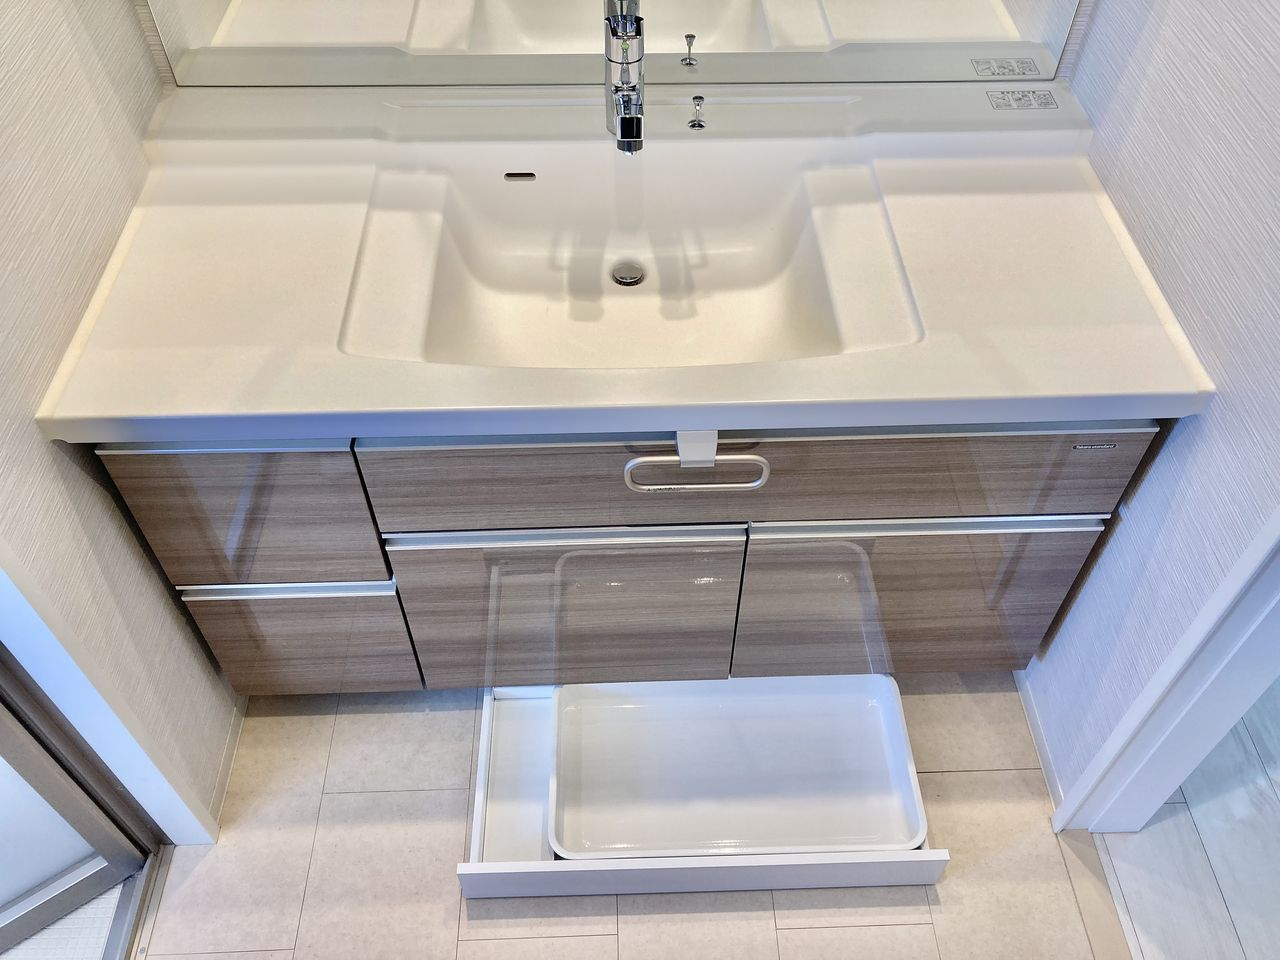 栓化粧台と床の間に洗面所内をスッキリ片付けるヘルスメーター収納スペースや足元収納が設けられています。